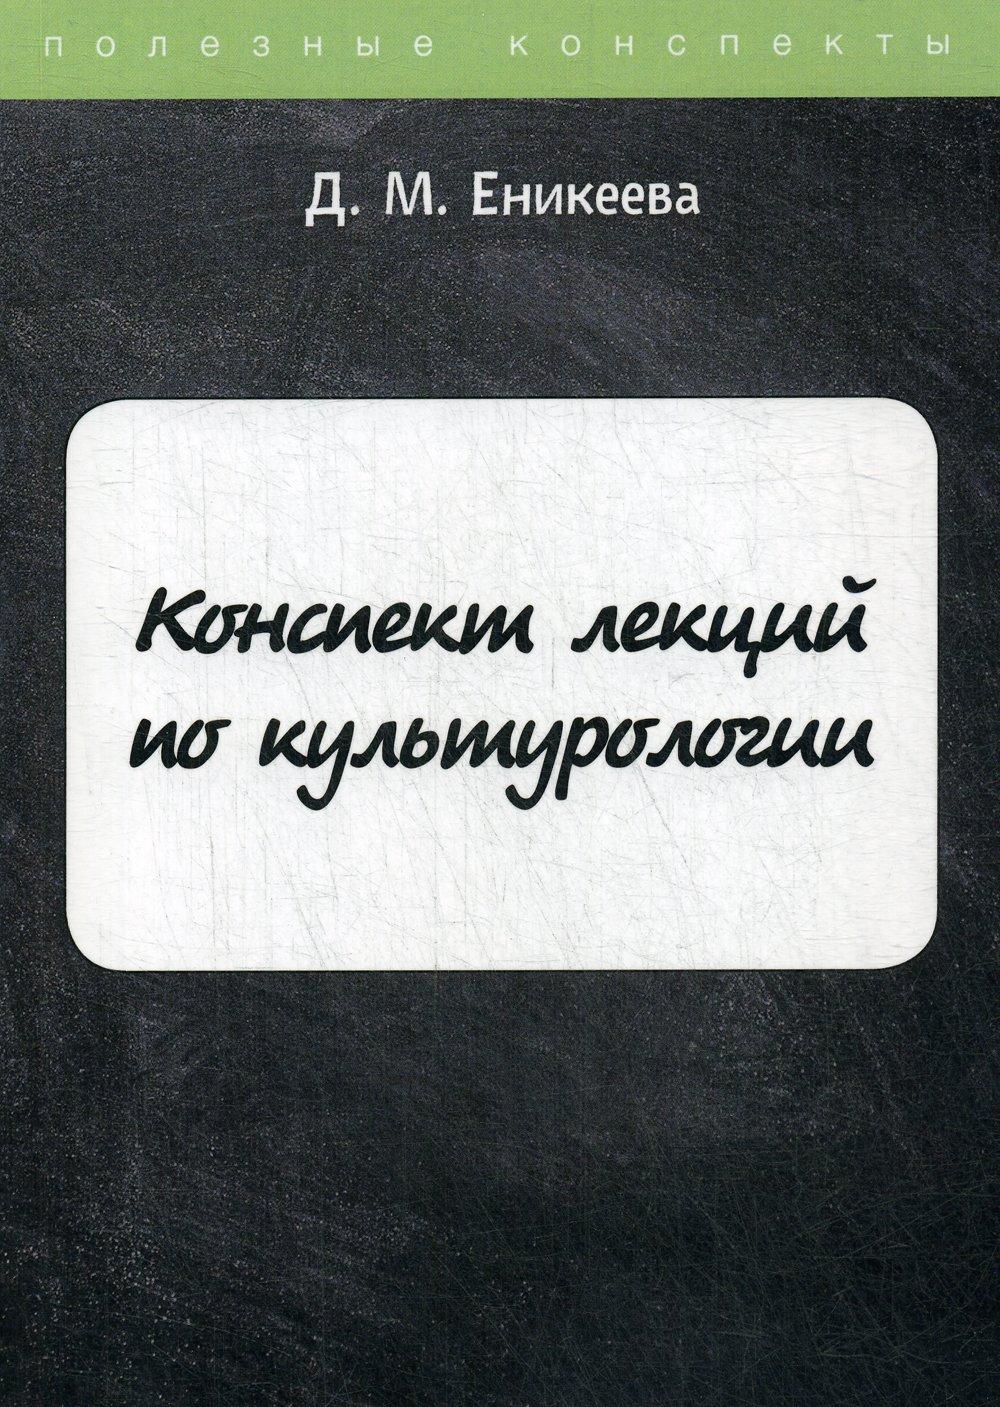 Конспект лекций по культурологии ( Еникеева Д. М.  )